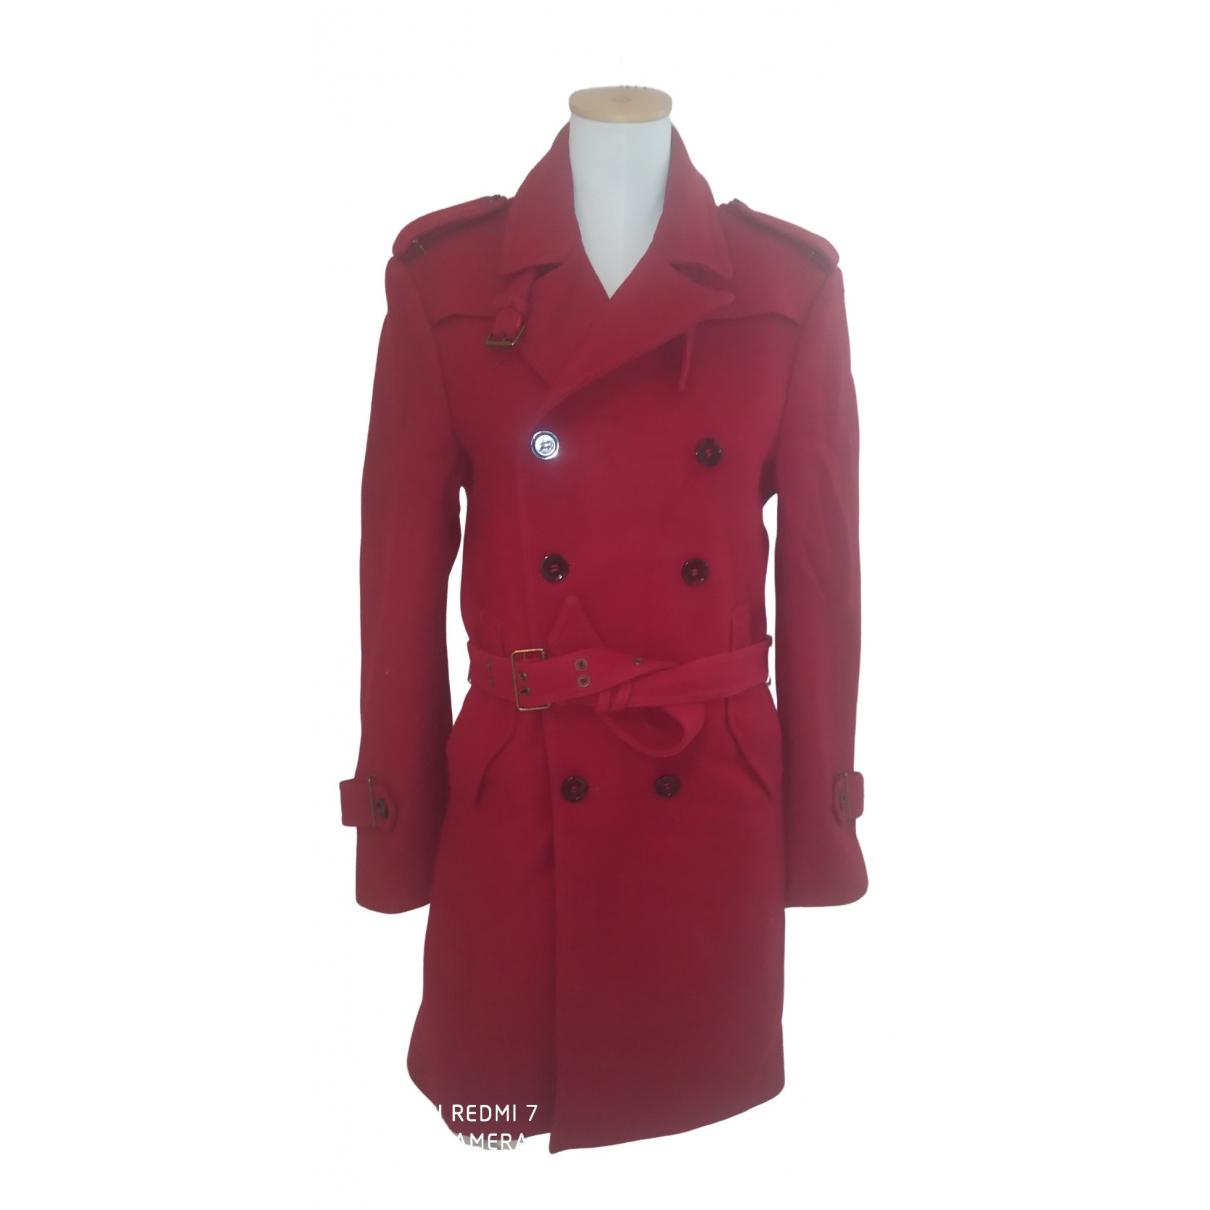 Zara - Vestes.Blousons   pour homme en laine